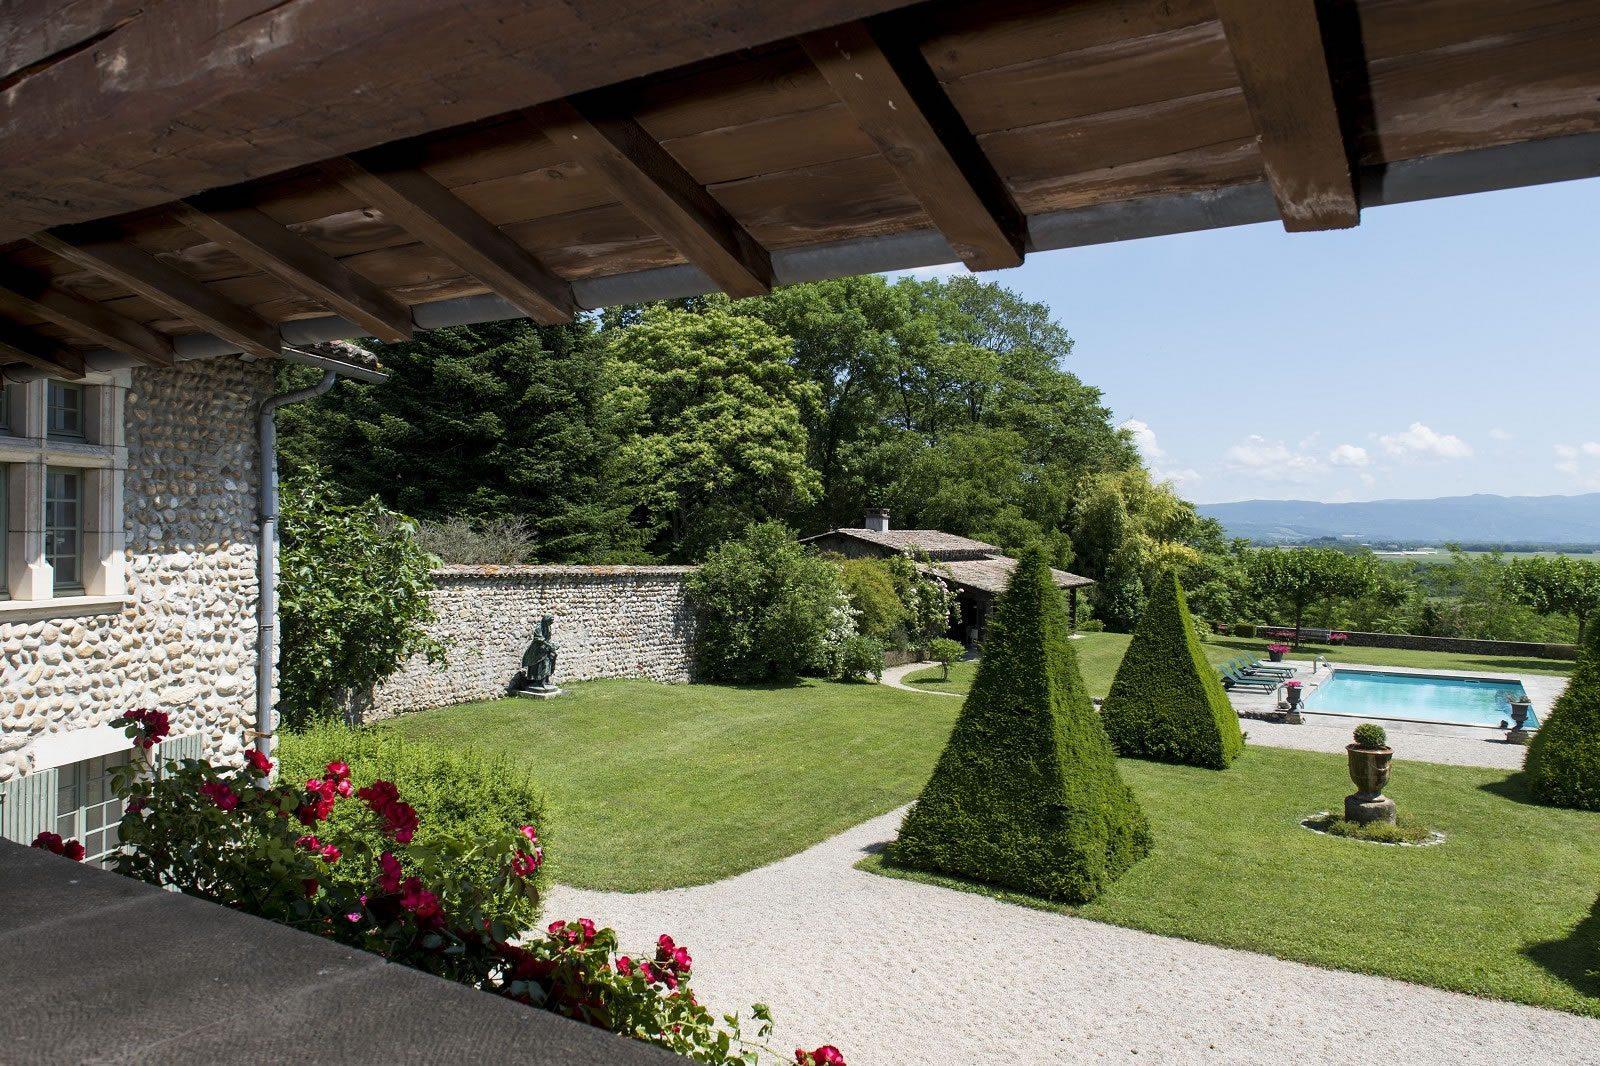 ancien-relais-chasse-piscine-tennis-a-vendre-perouges-parc-arbore-pool-house-vue-panoramique